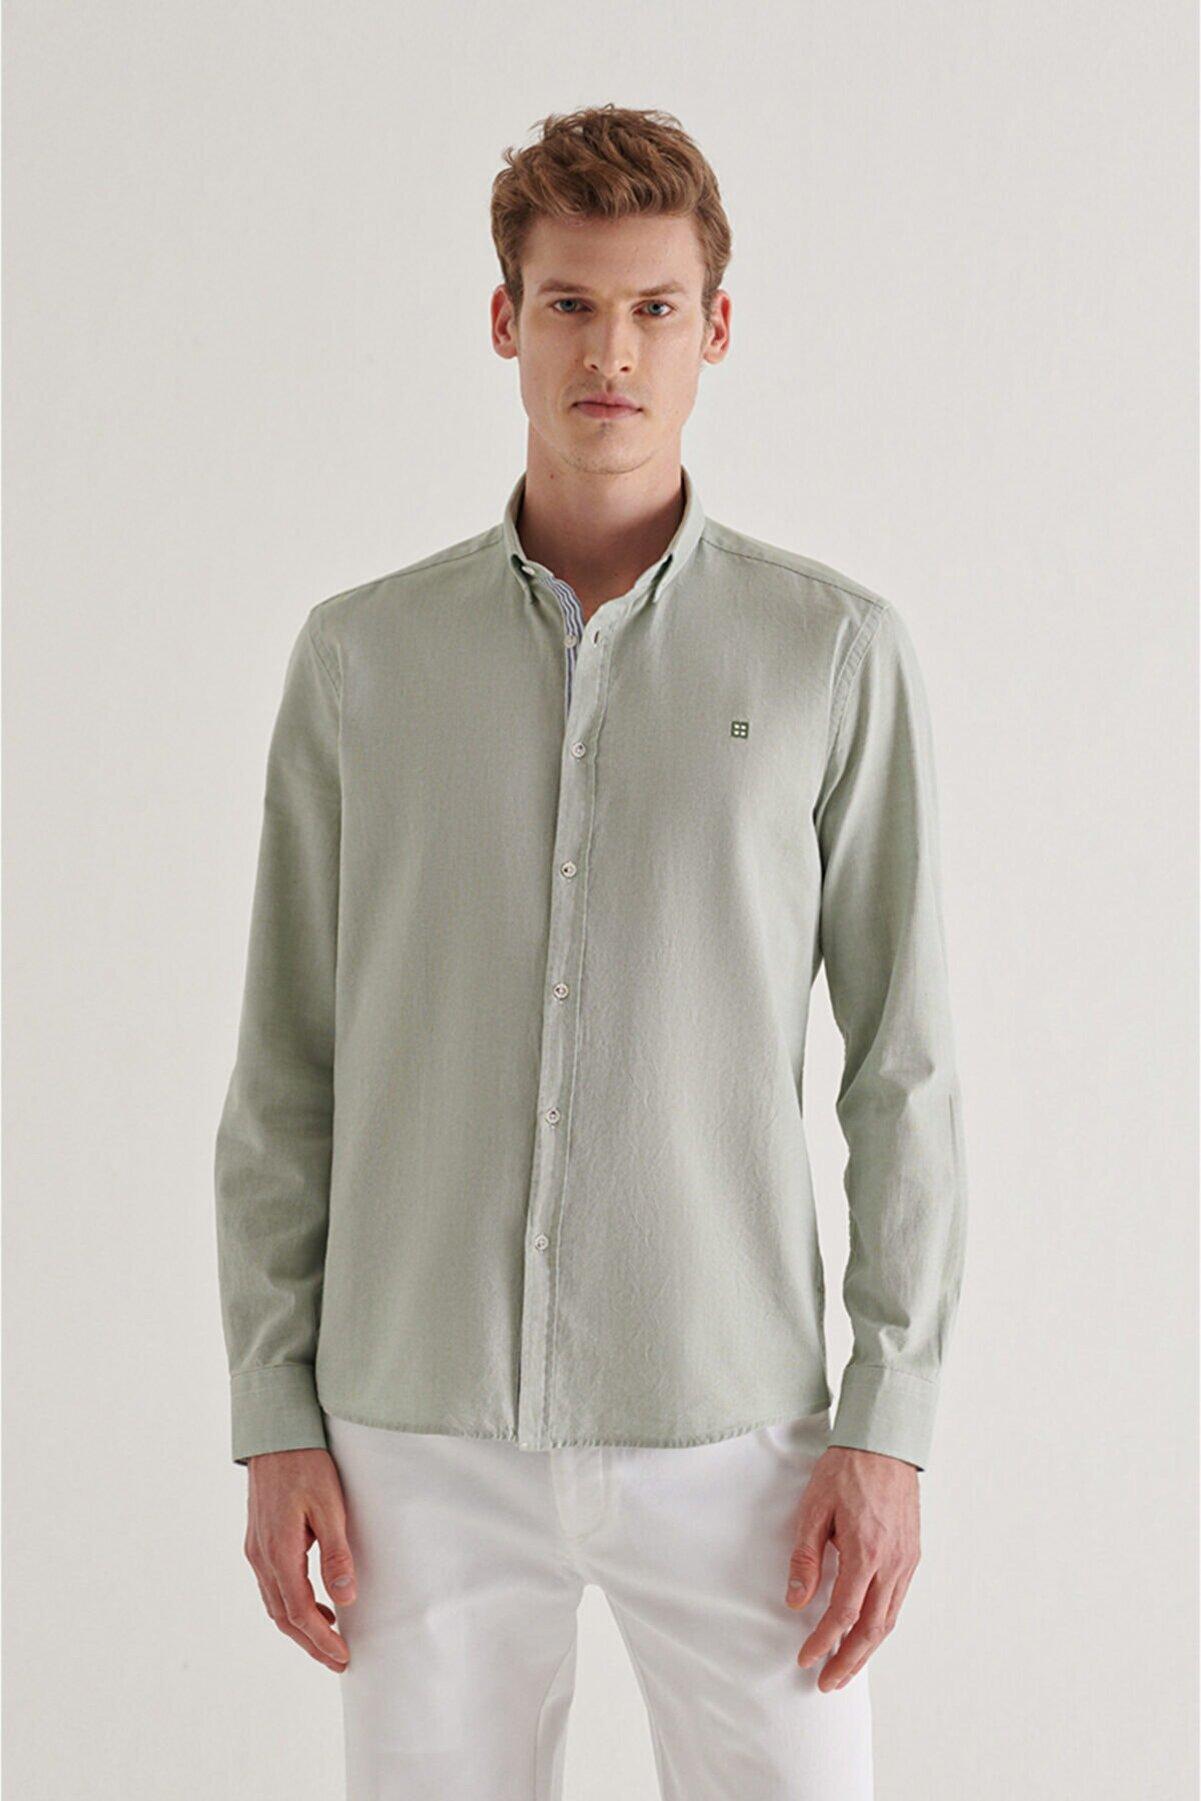 Avva Erkek Haki Düz Düğmeli Yaka Regular Fit Gömlek A11y2026